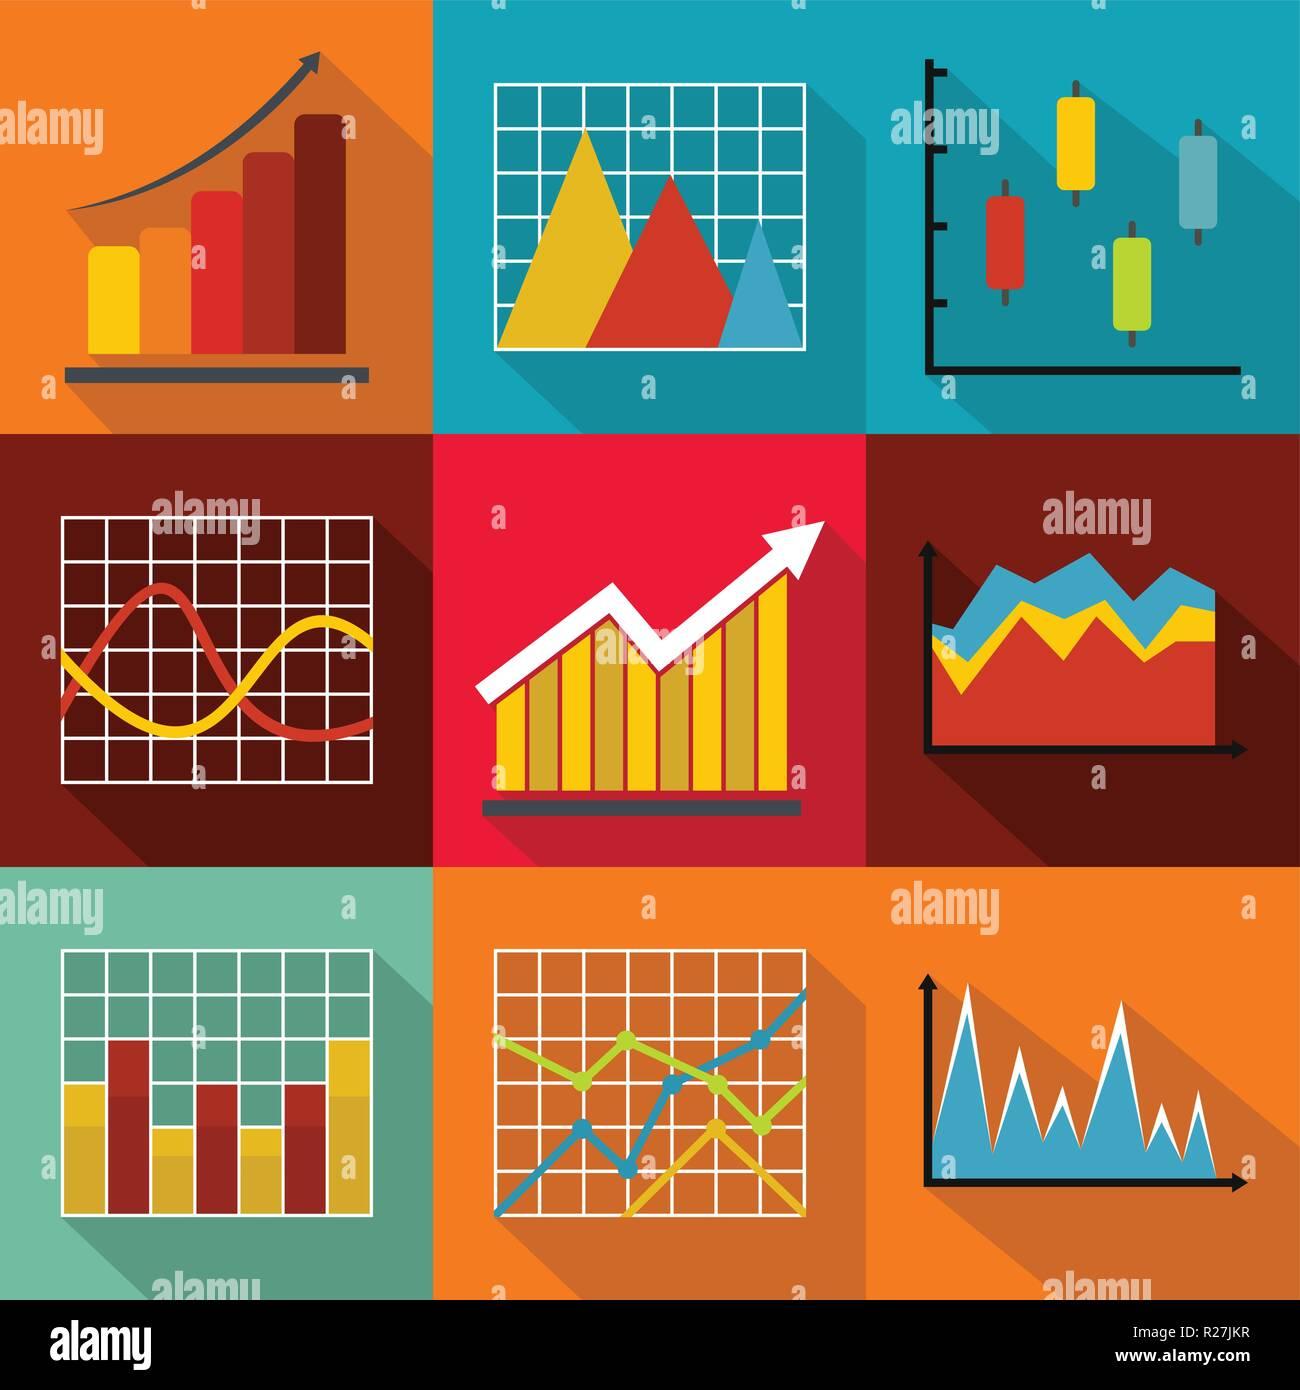 Tabla resumen de conjunto de iconos. plano conjunto de 9 Tabla resumen iconos vectoriales para web aislado sobre fondo blanco. Imagen De Stock